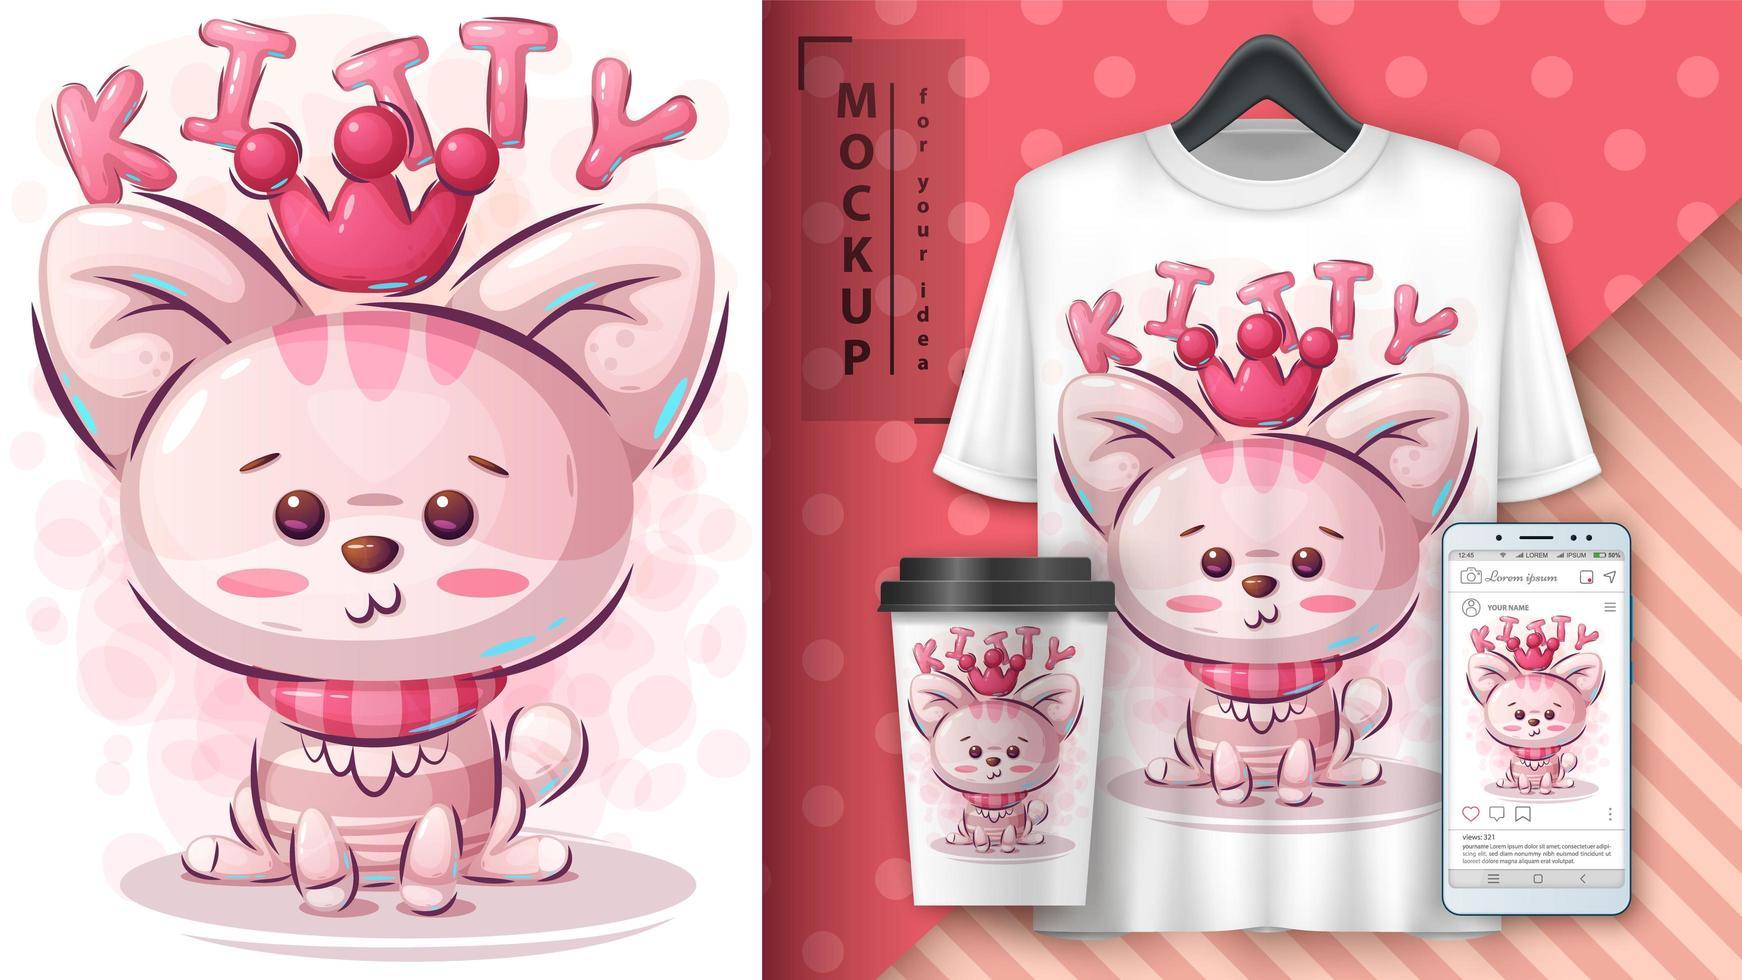 poster di gattino principessa rosa vettore